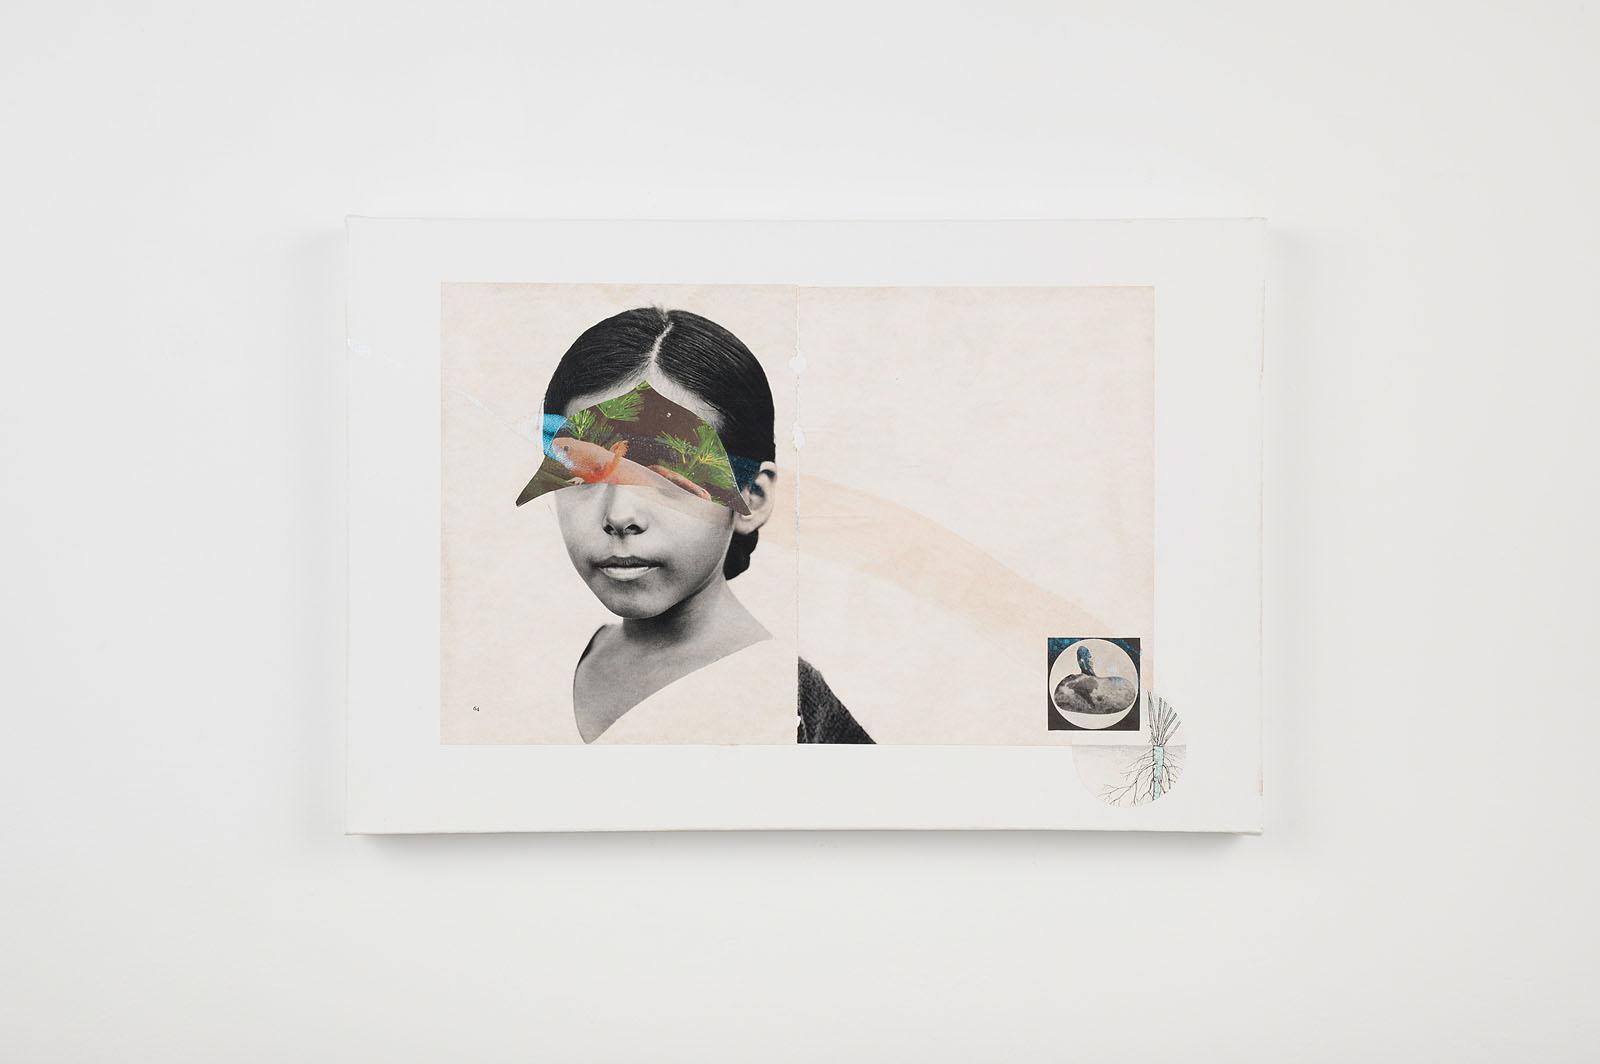 """o.T. aus """"Petrichor"""", 2017, 40 x 60 cm, Mischtechnik & Collage auf Leinwand"""